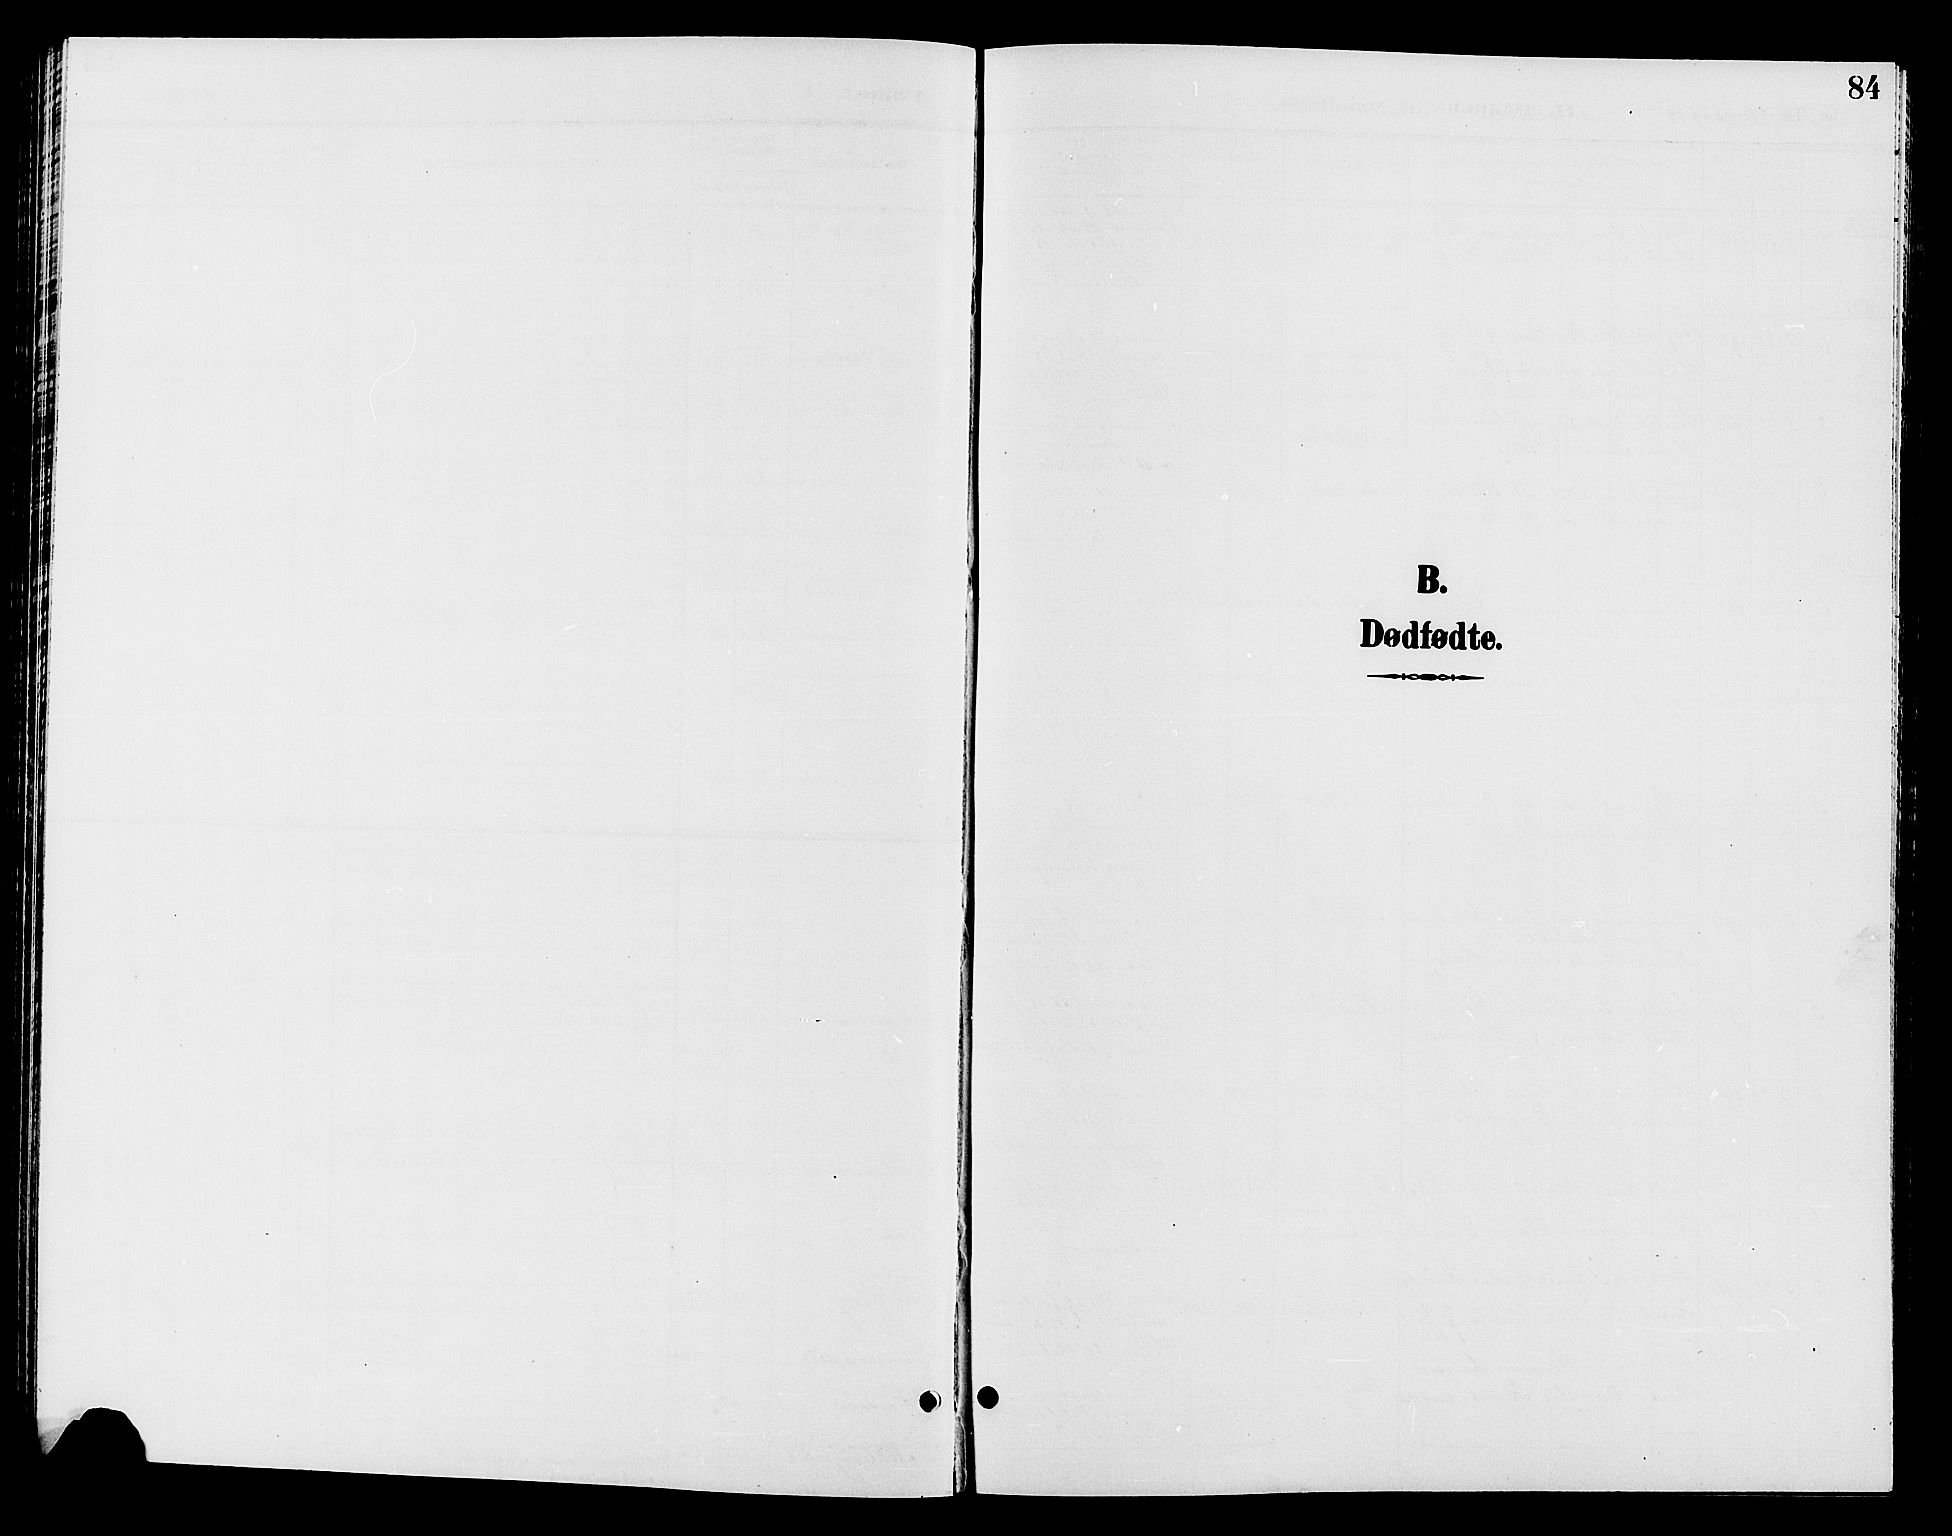 SAH, Jevnaker prestekontor, Klokkerbok nr. 2, 1896-1906, s. 84